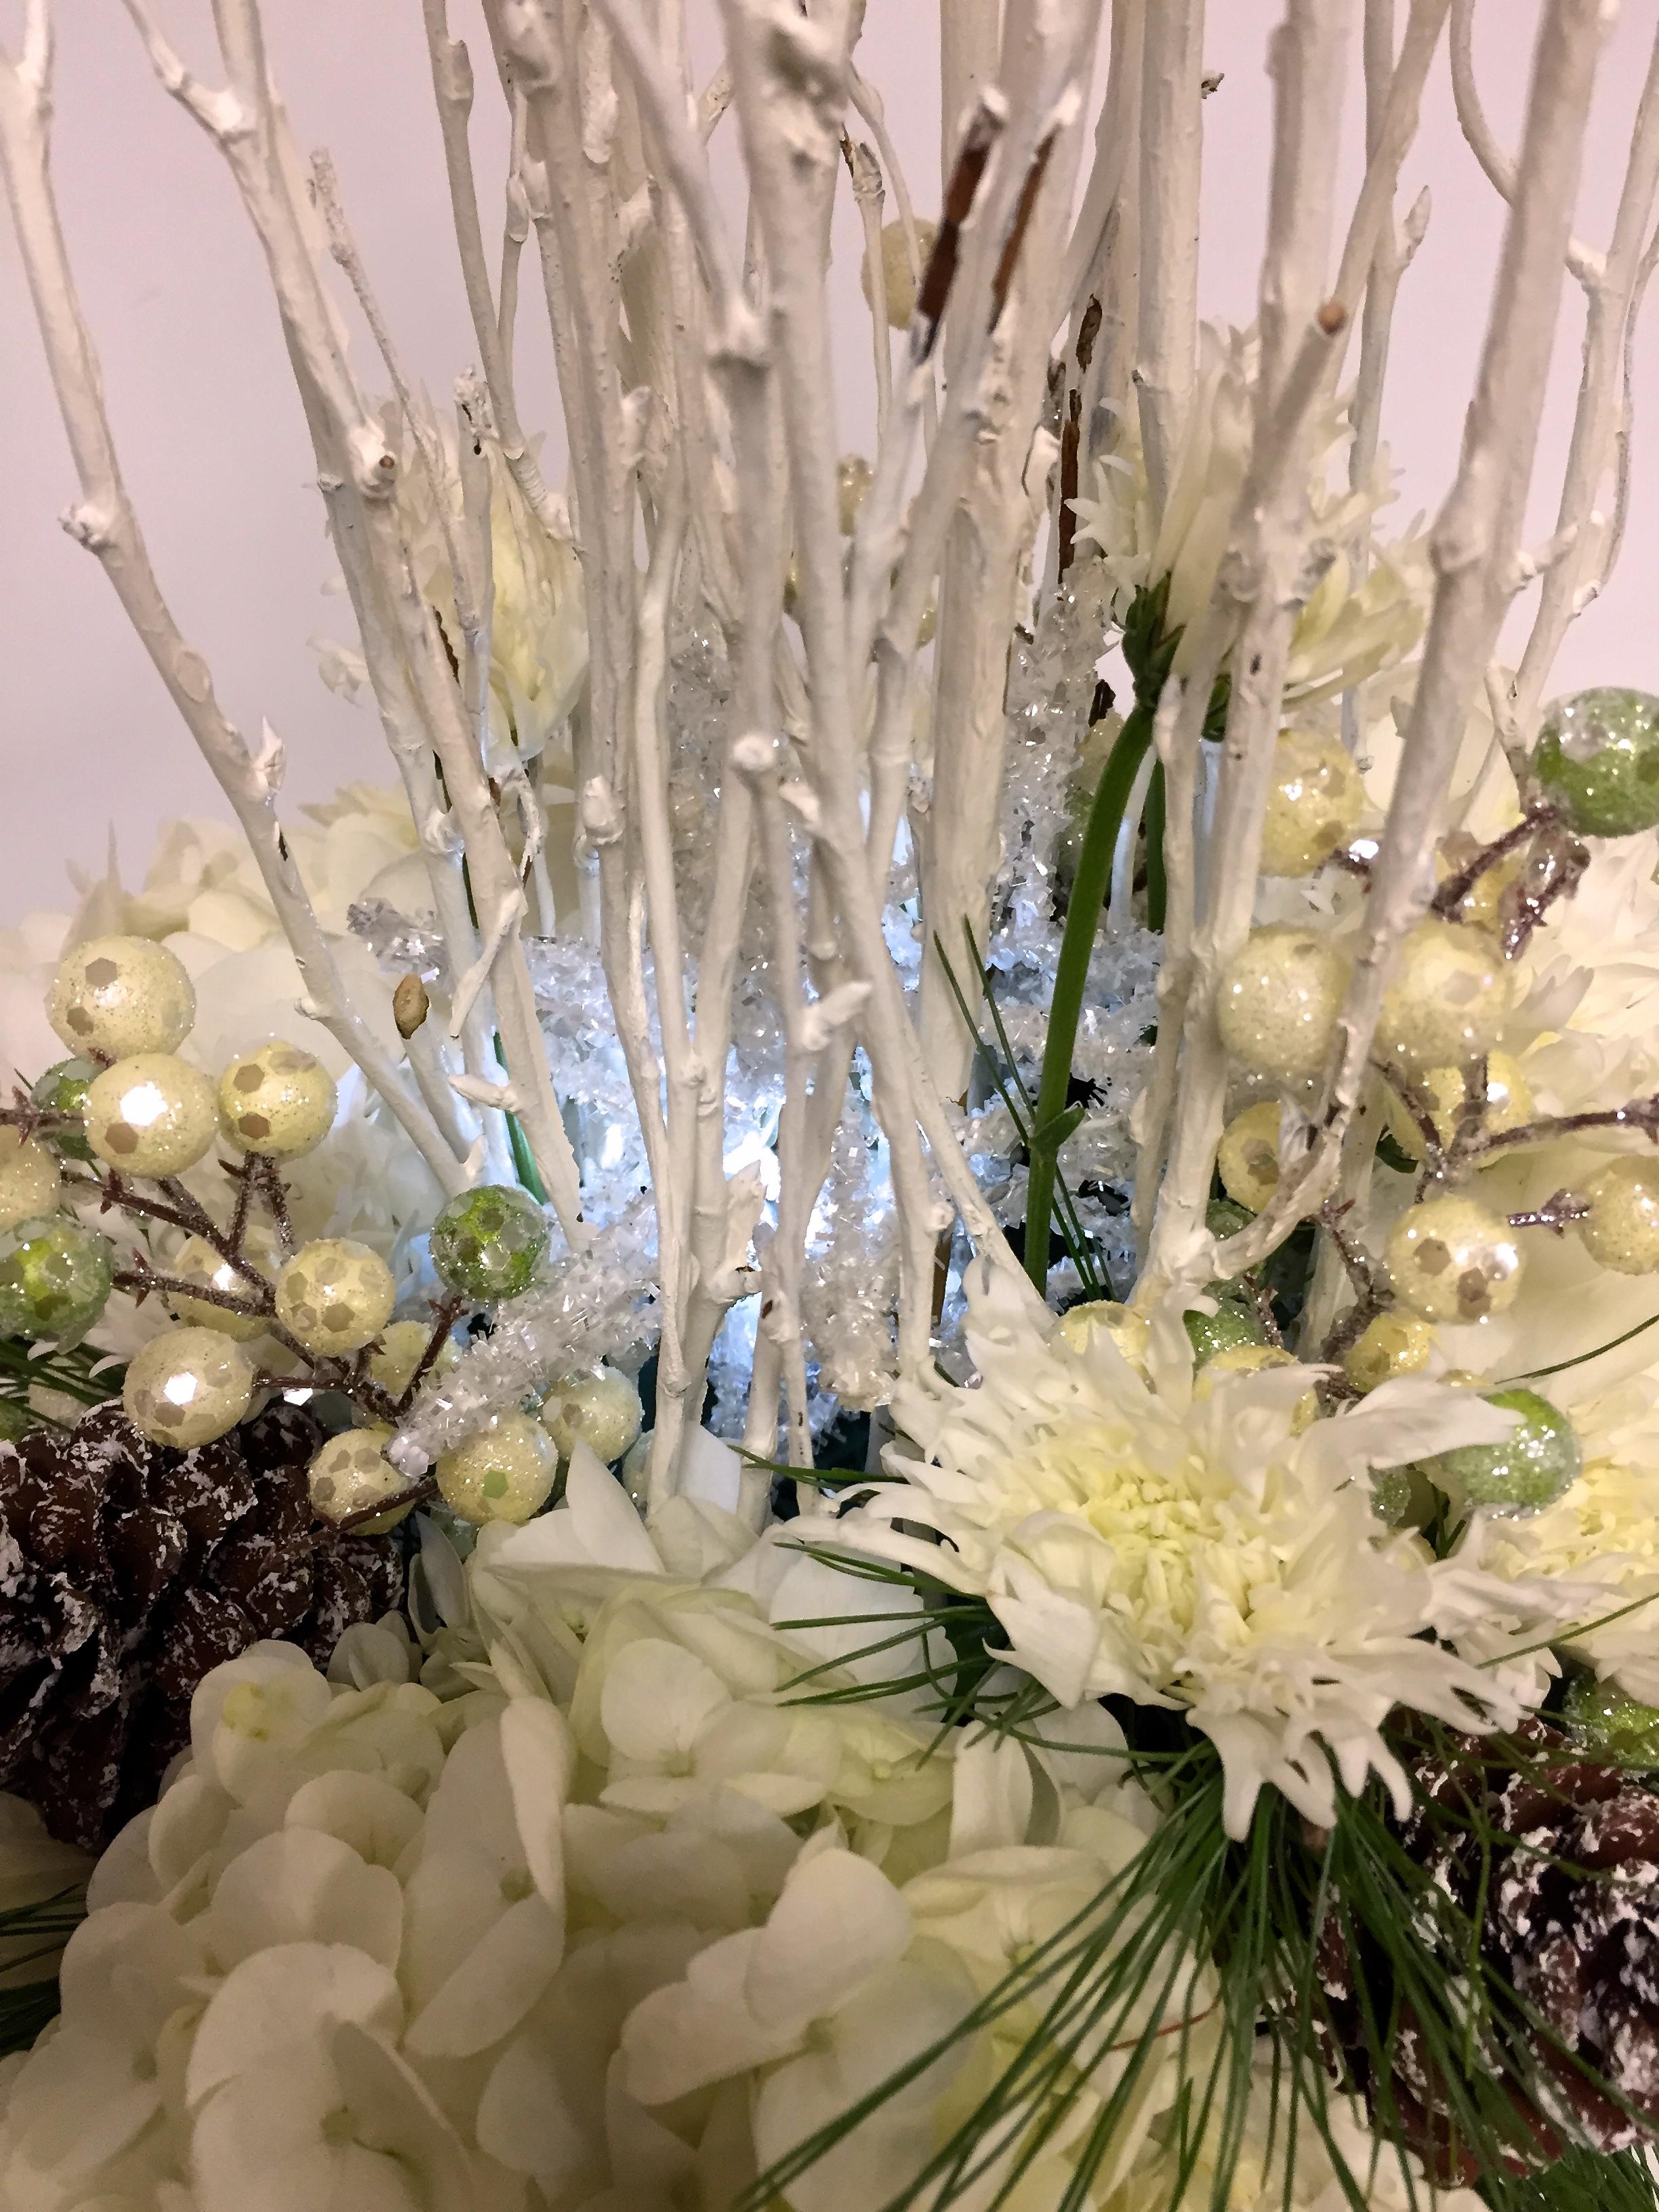 TST_StarLight,StarBright_FloralRecipe_photo#1.jpeg